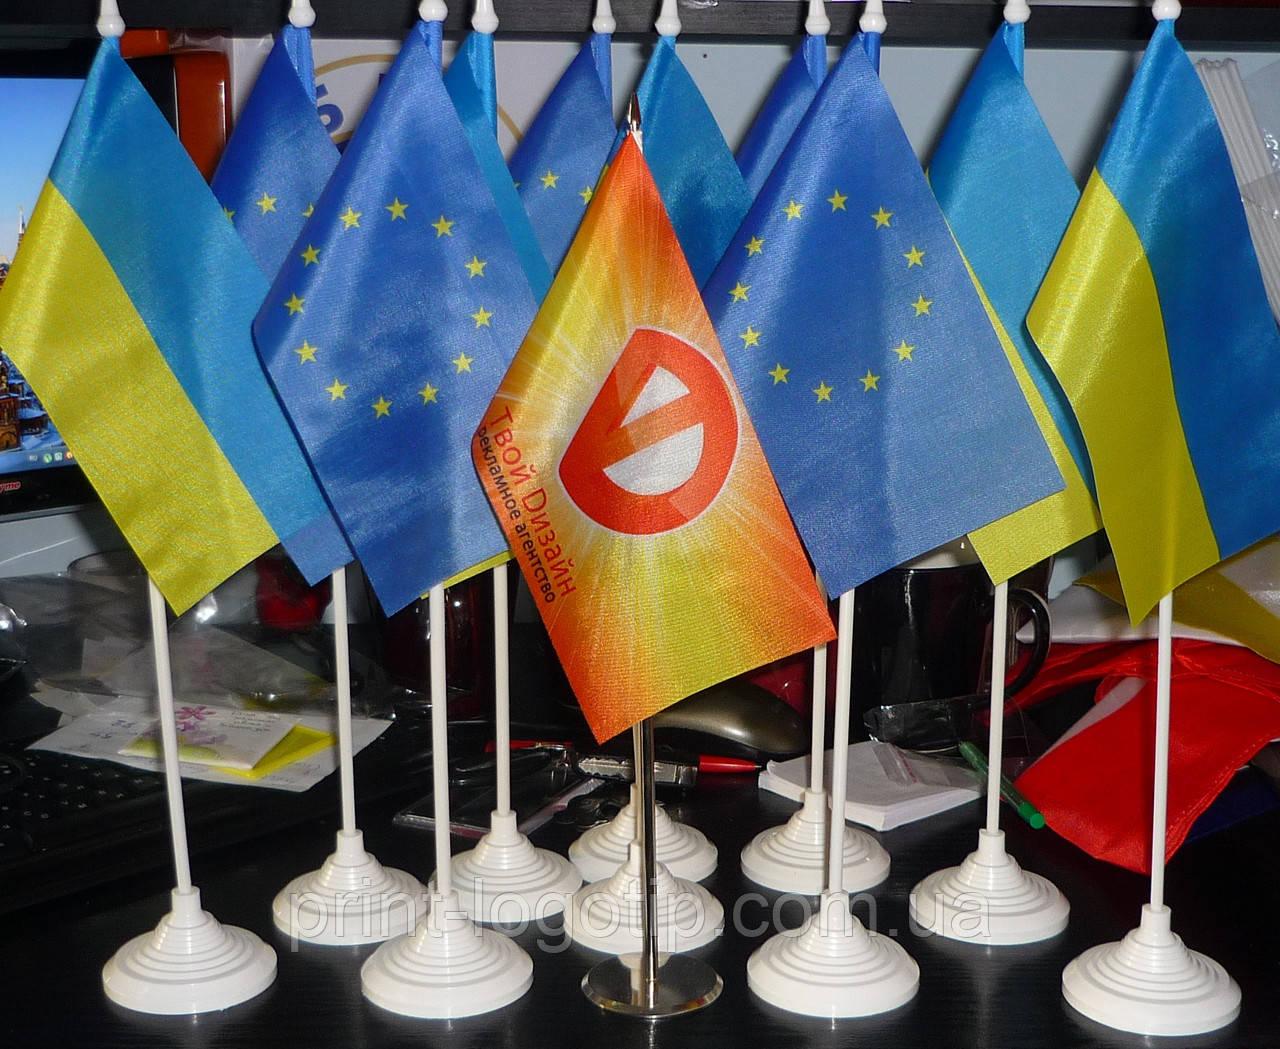 Изготовление флажков в Киеве пошив и печать - фото 5